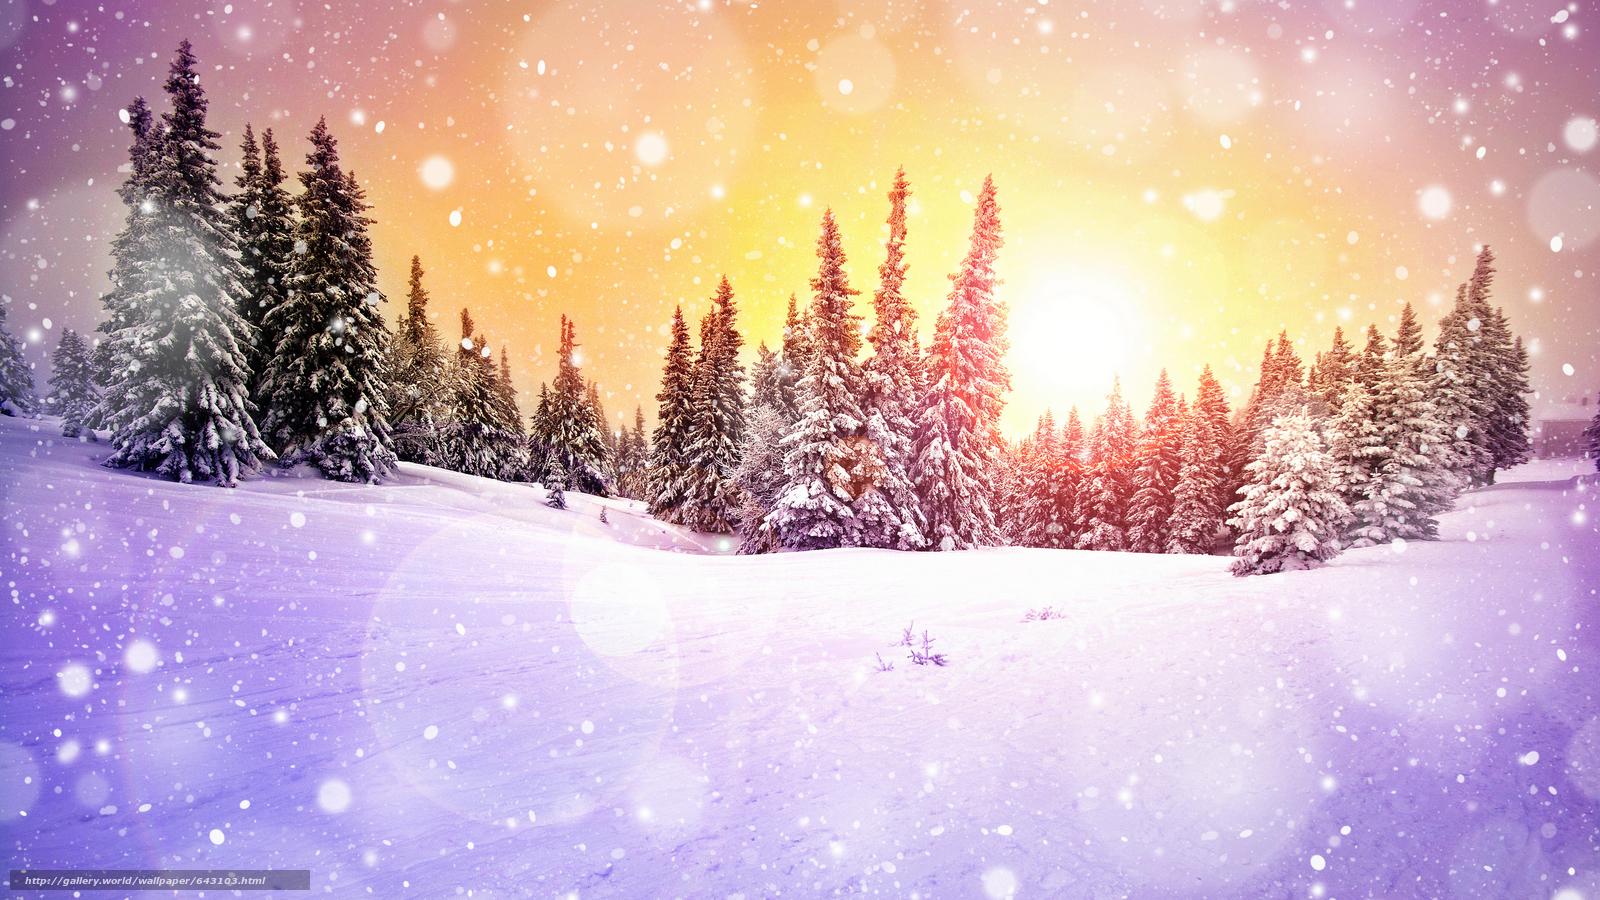 下载壁纸 日落,  冬天,  雪,  树 免费为您的桌面分辨率的壁纸 7680x4320 — 图片 №643103